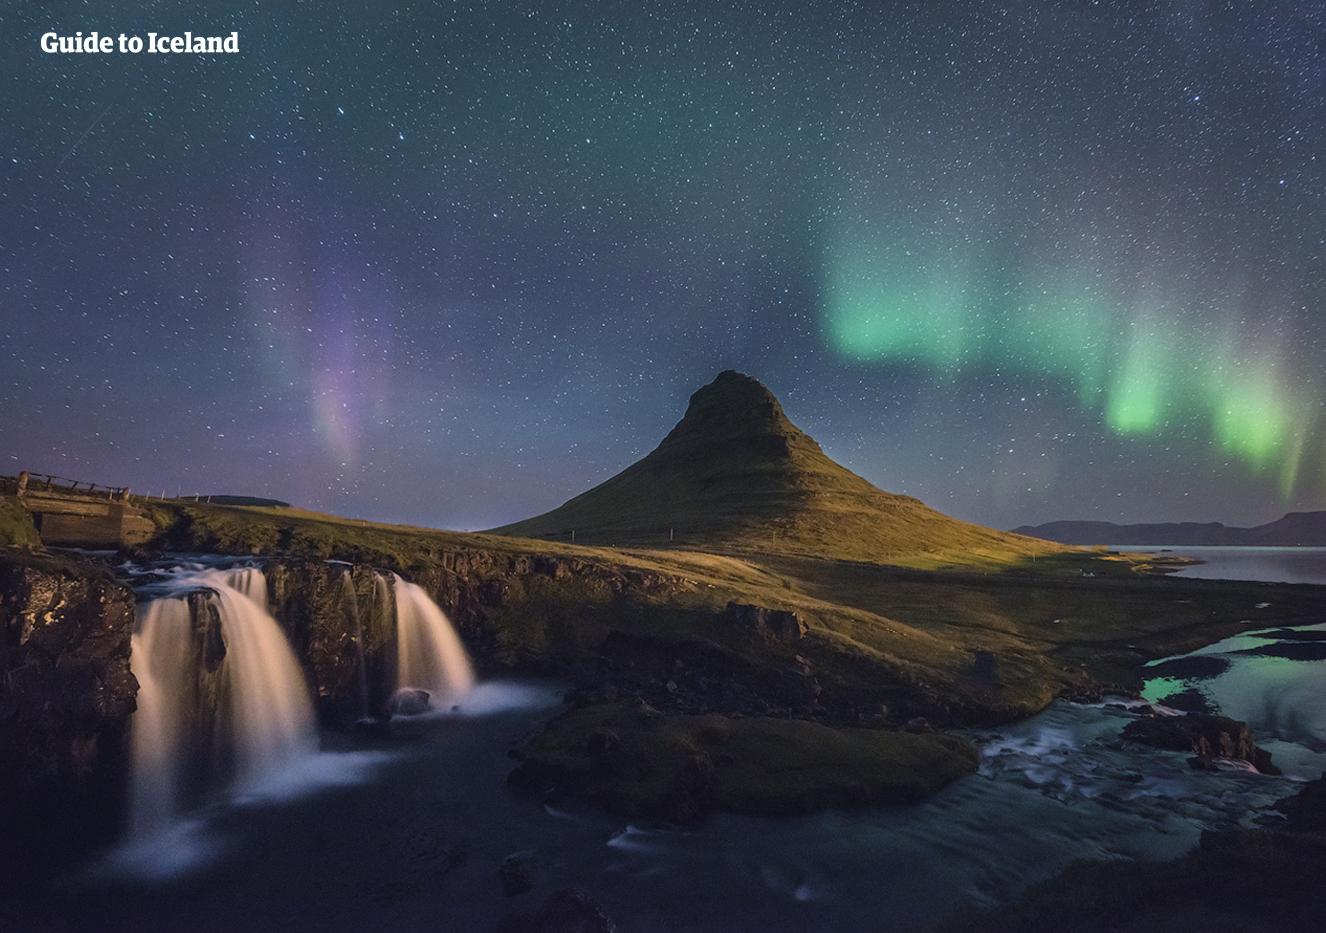 Der Berg Kirkjufell steht stolz unter den atemberaubenden Polarlichtern.